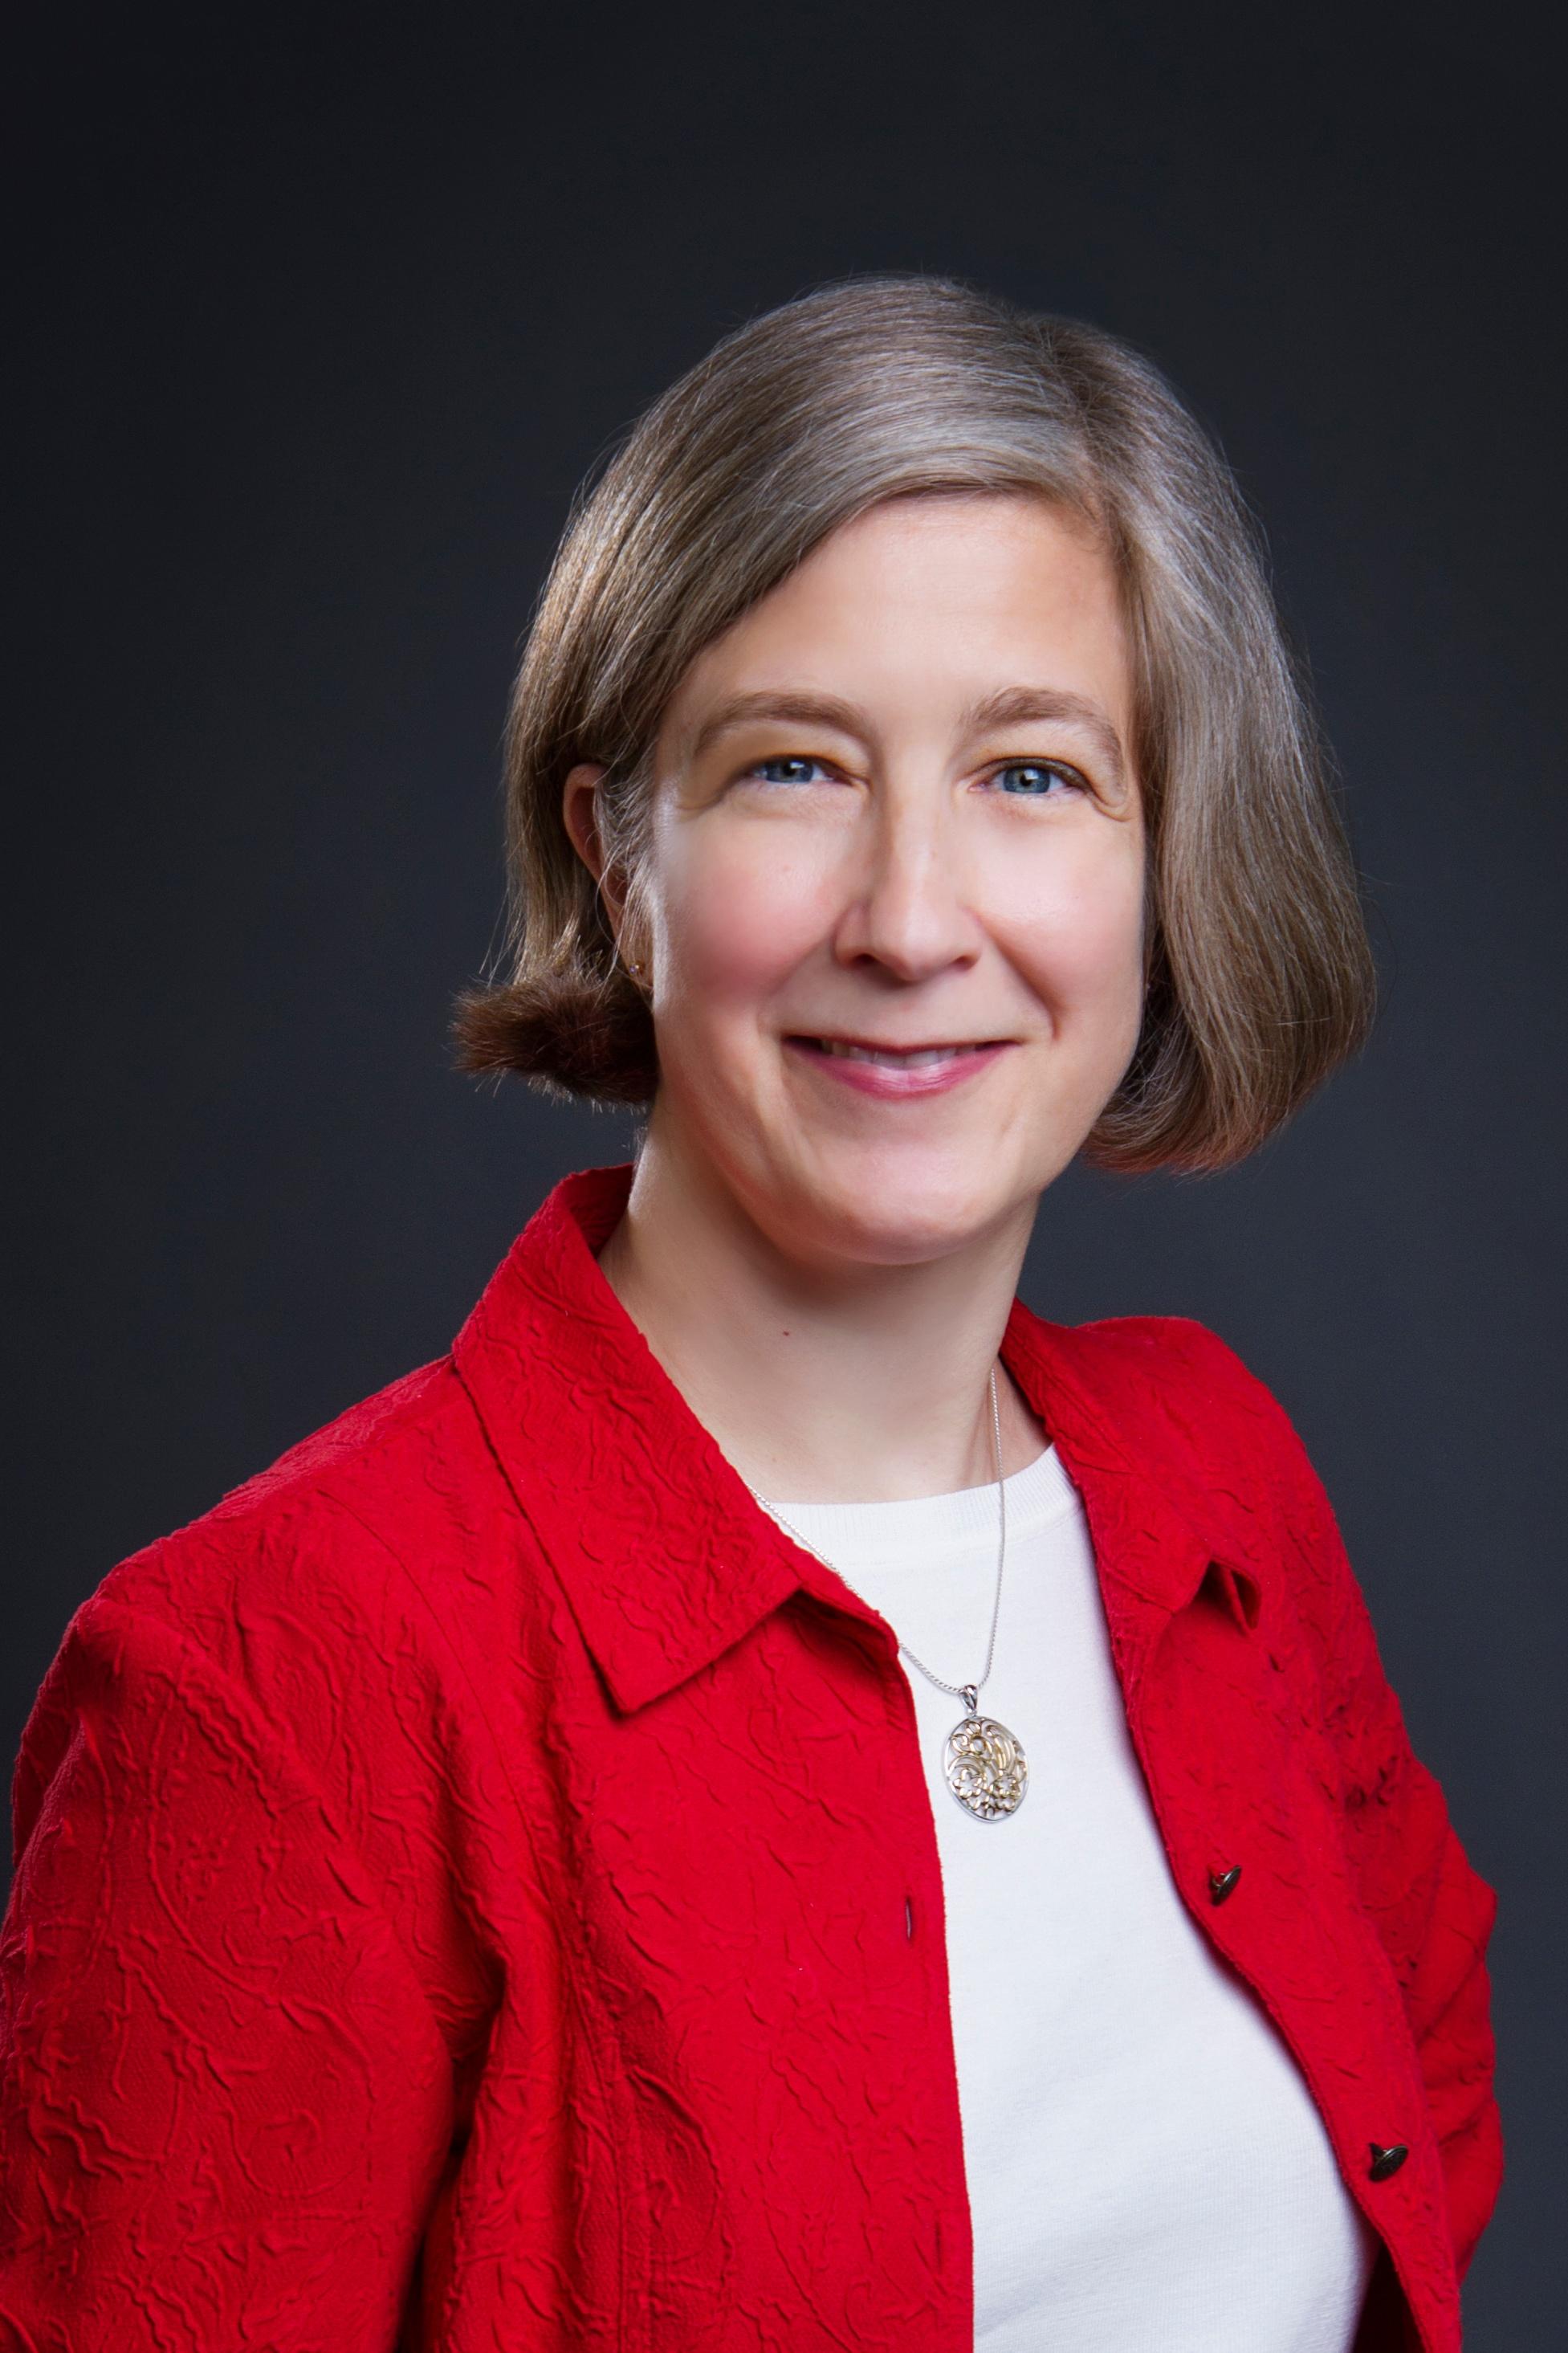 Anne-Claire Broughton